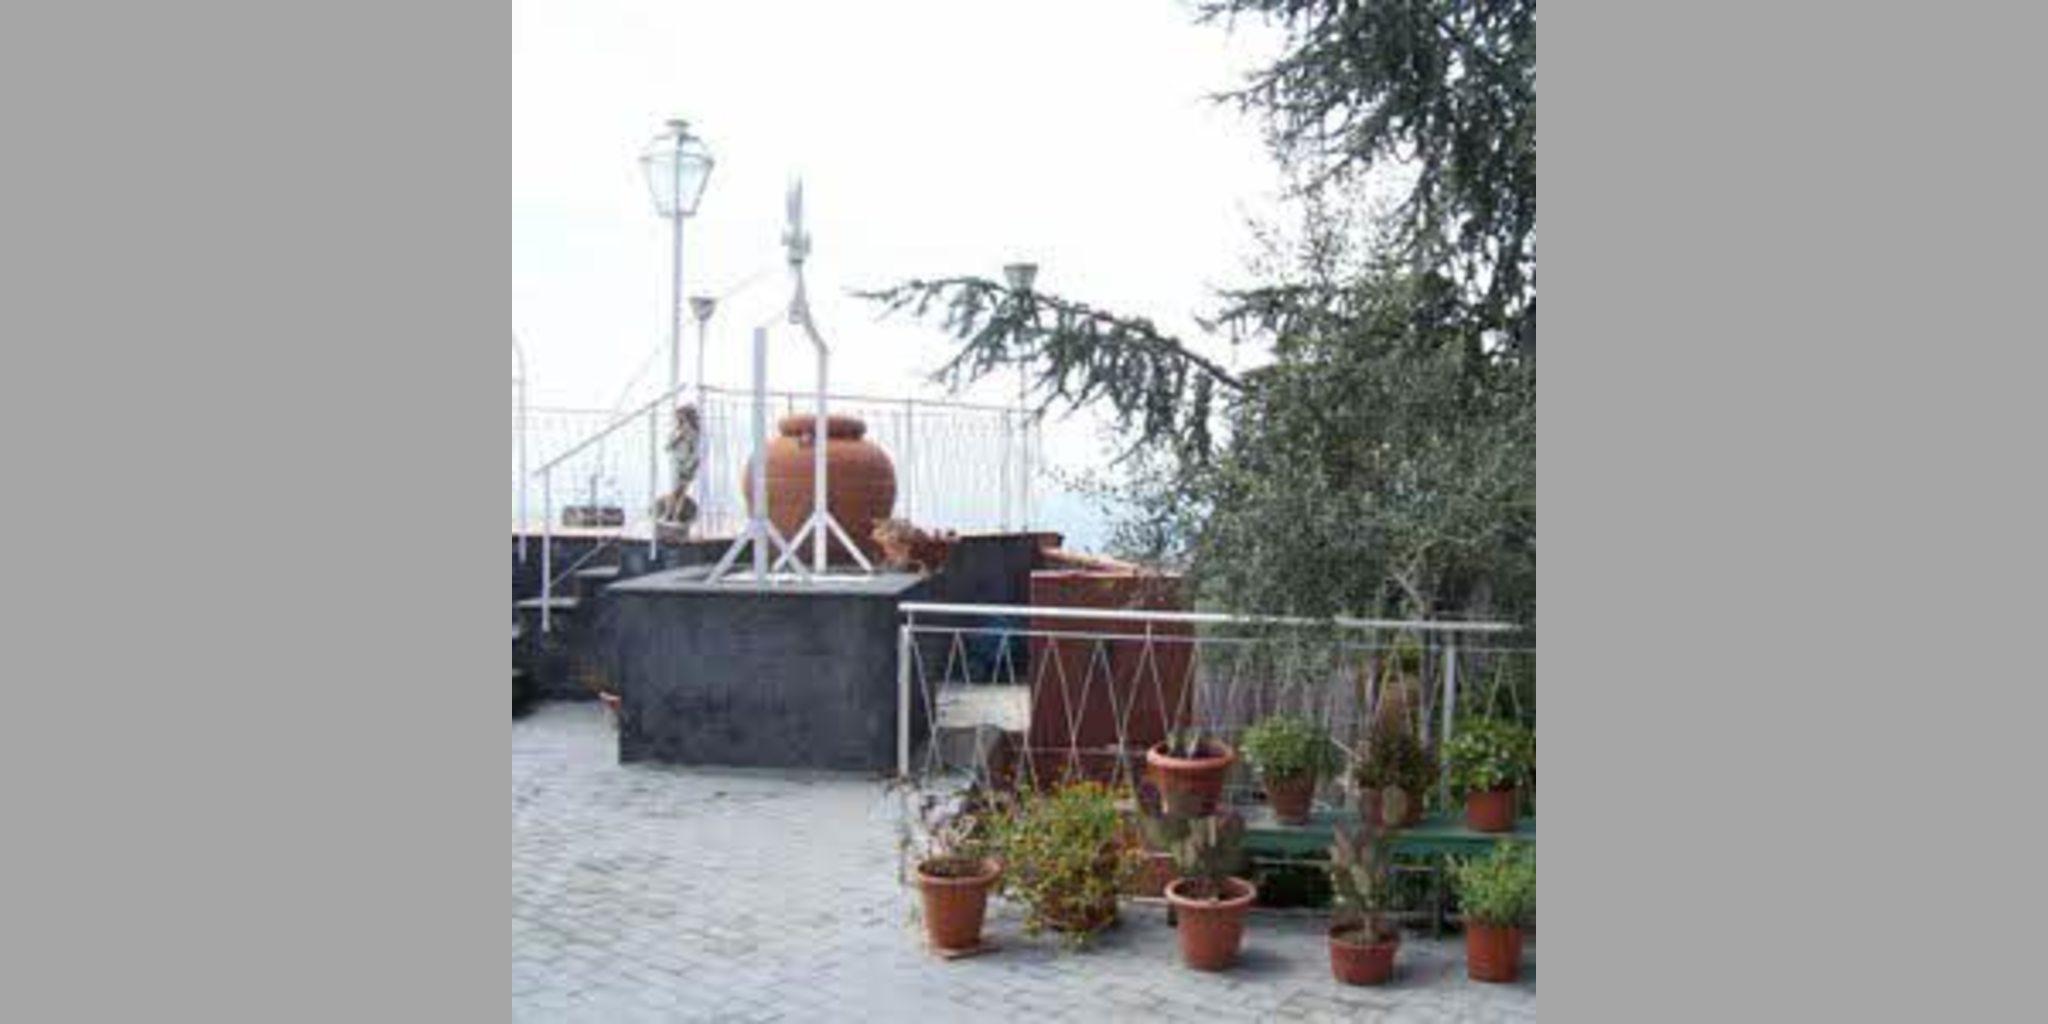 Bed & Breakfast Santa Maria Di Licodia - Cavaliere Bosco